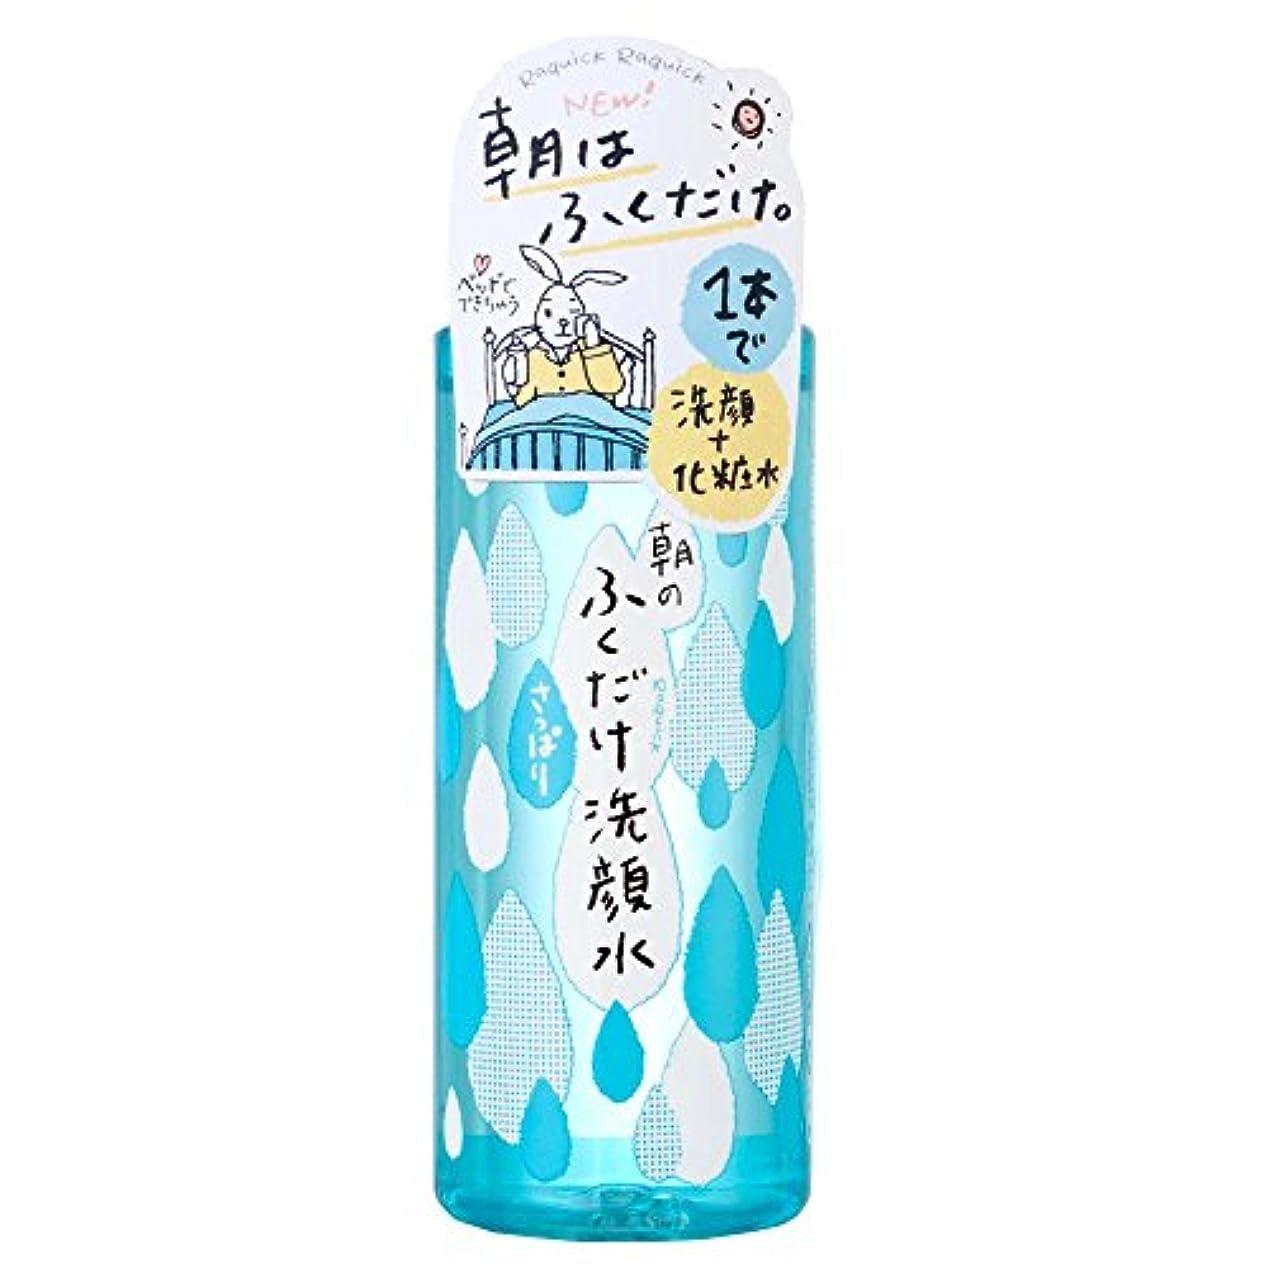 不注意耕すメッシュラクイック 朝のふくだけ洗顔水 さっぱり 310mL